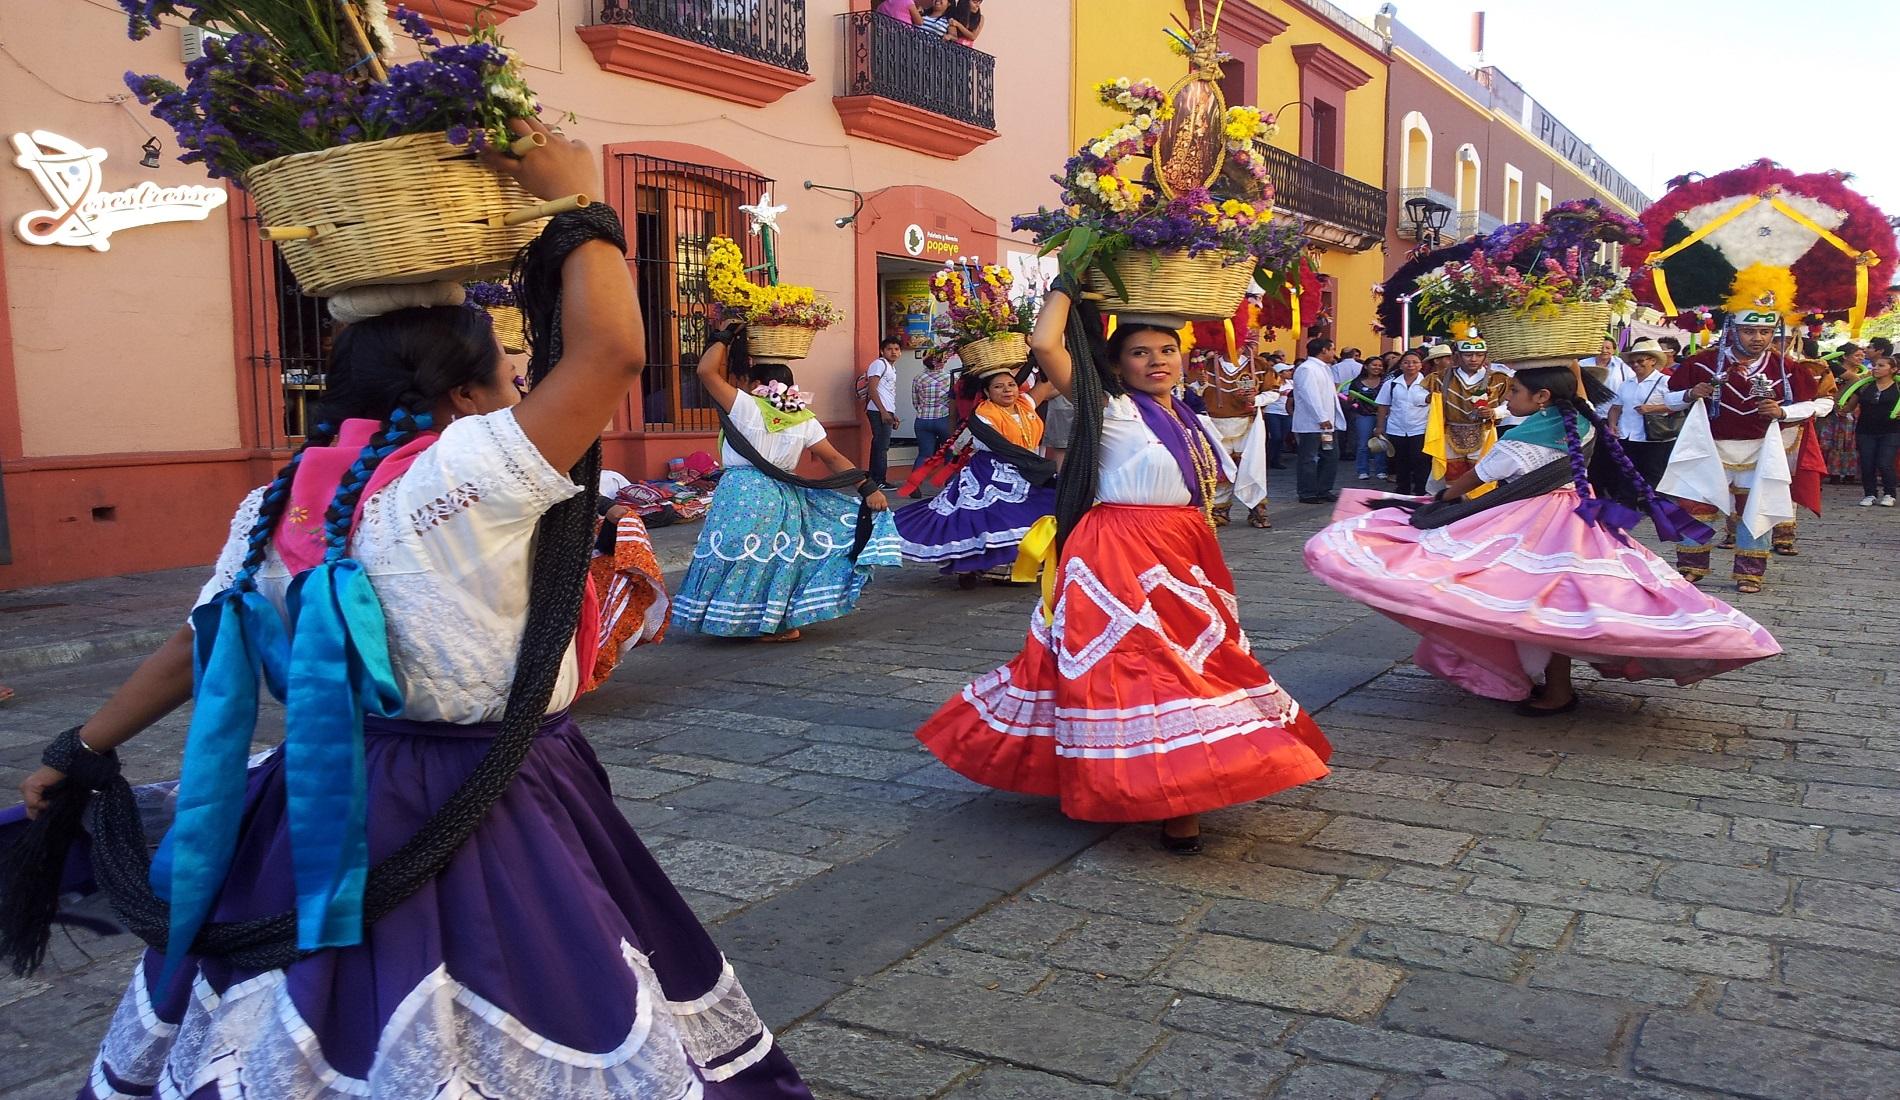 lokaal dans centrum Oaxaca